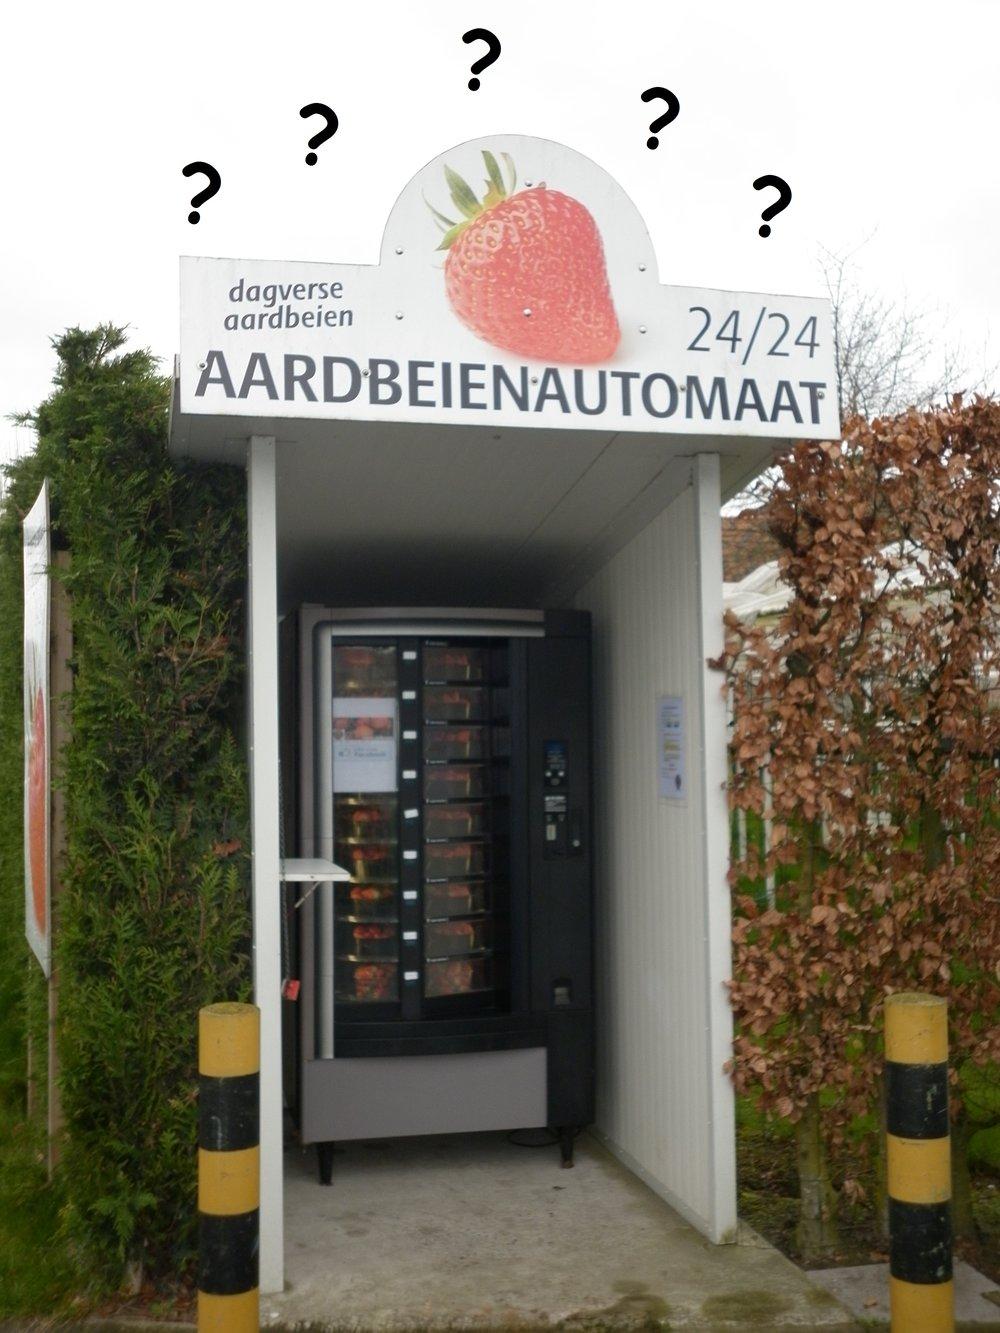 Nieuweautomaat.jpg